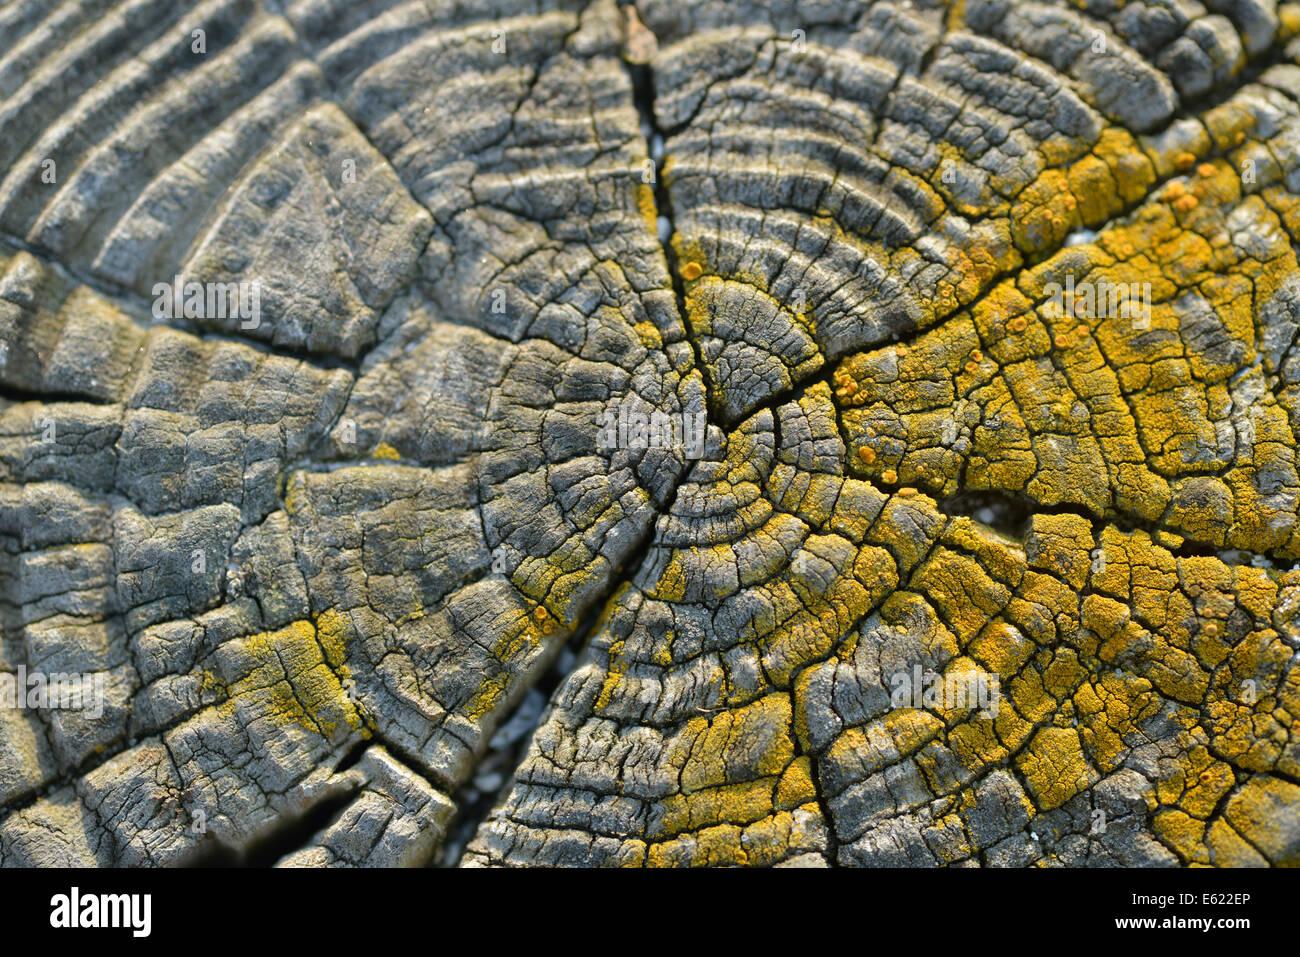 Staccionata in legno close up Immagini Stock